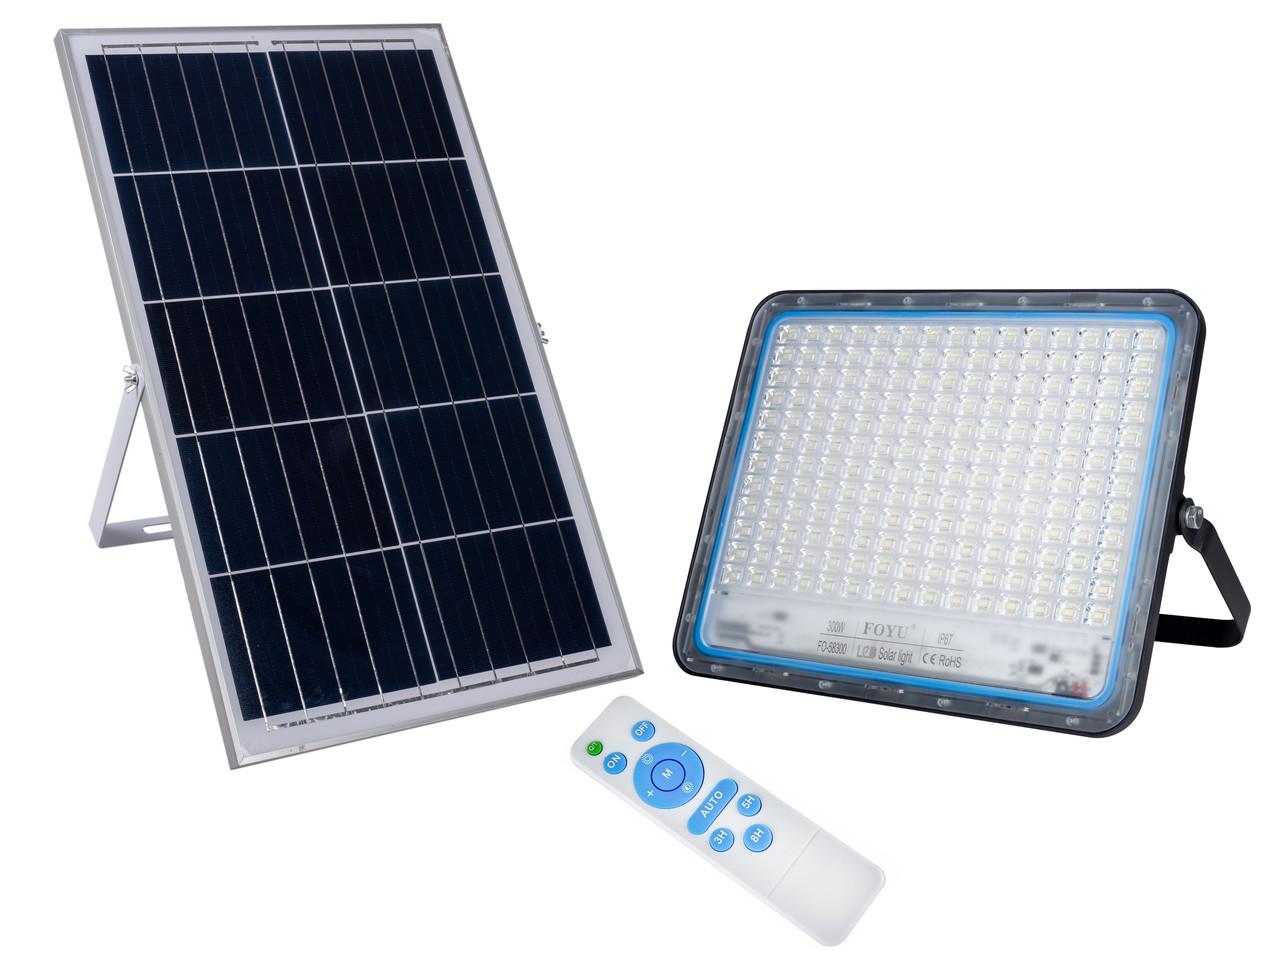 Уличный прожектор на солнечной батарее FOYU 300W Черный (FO-58300)